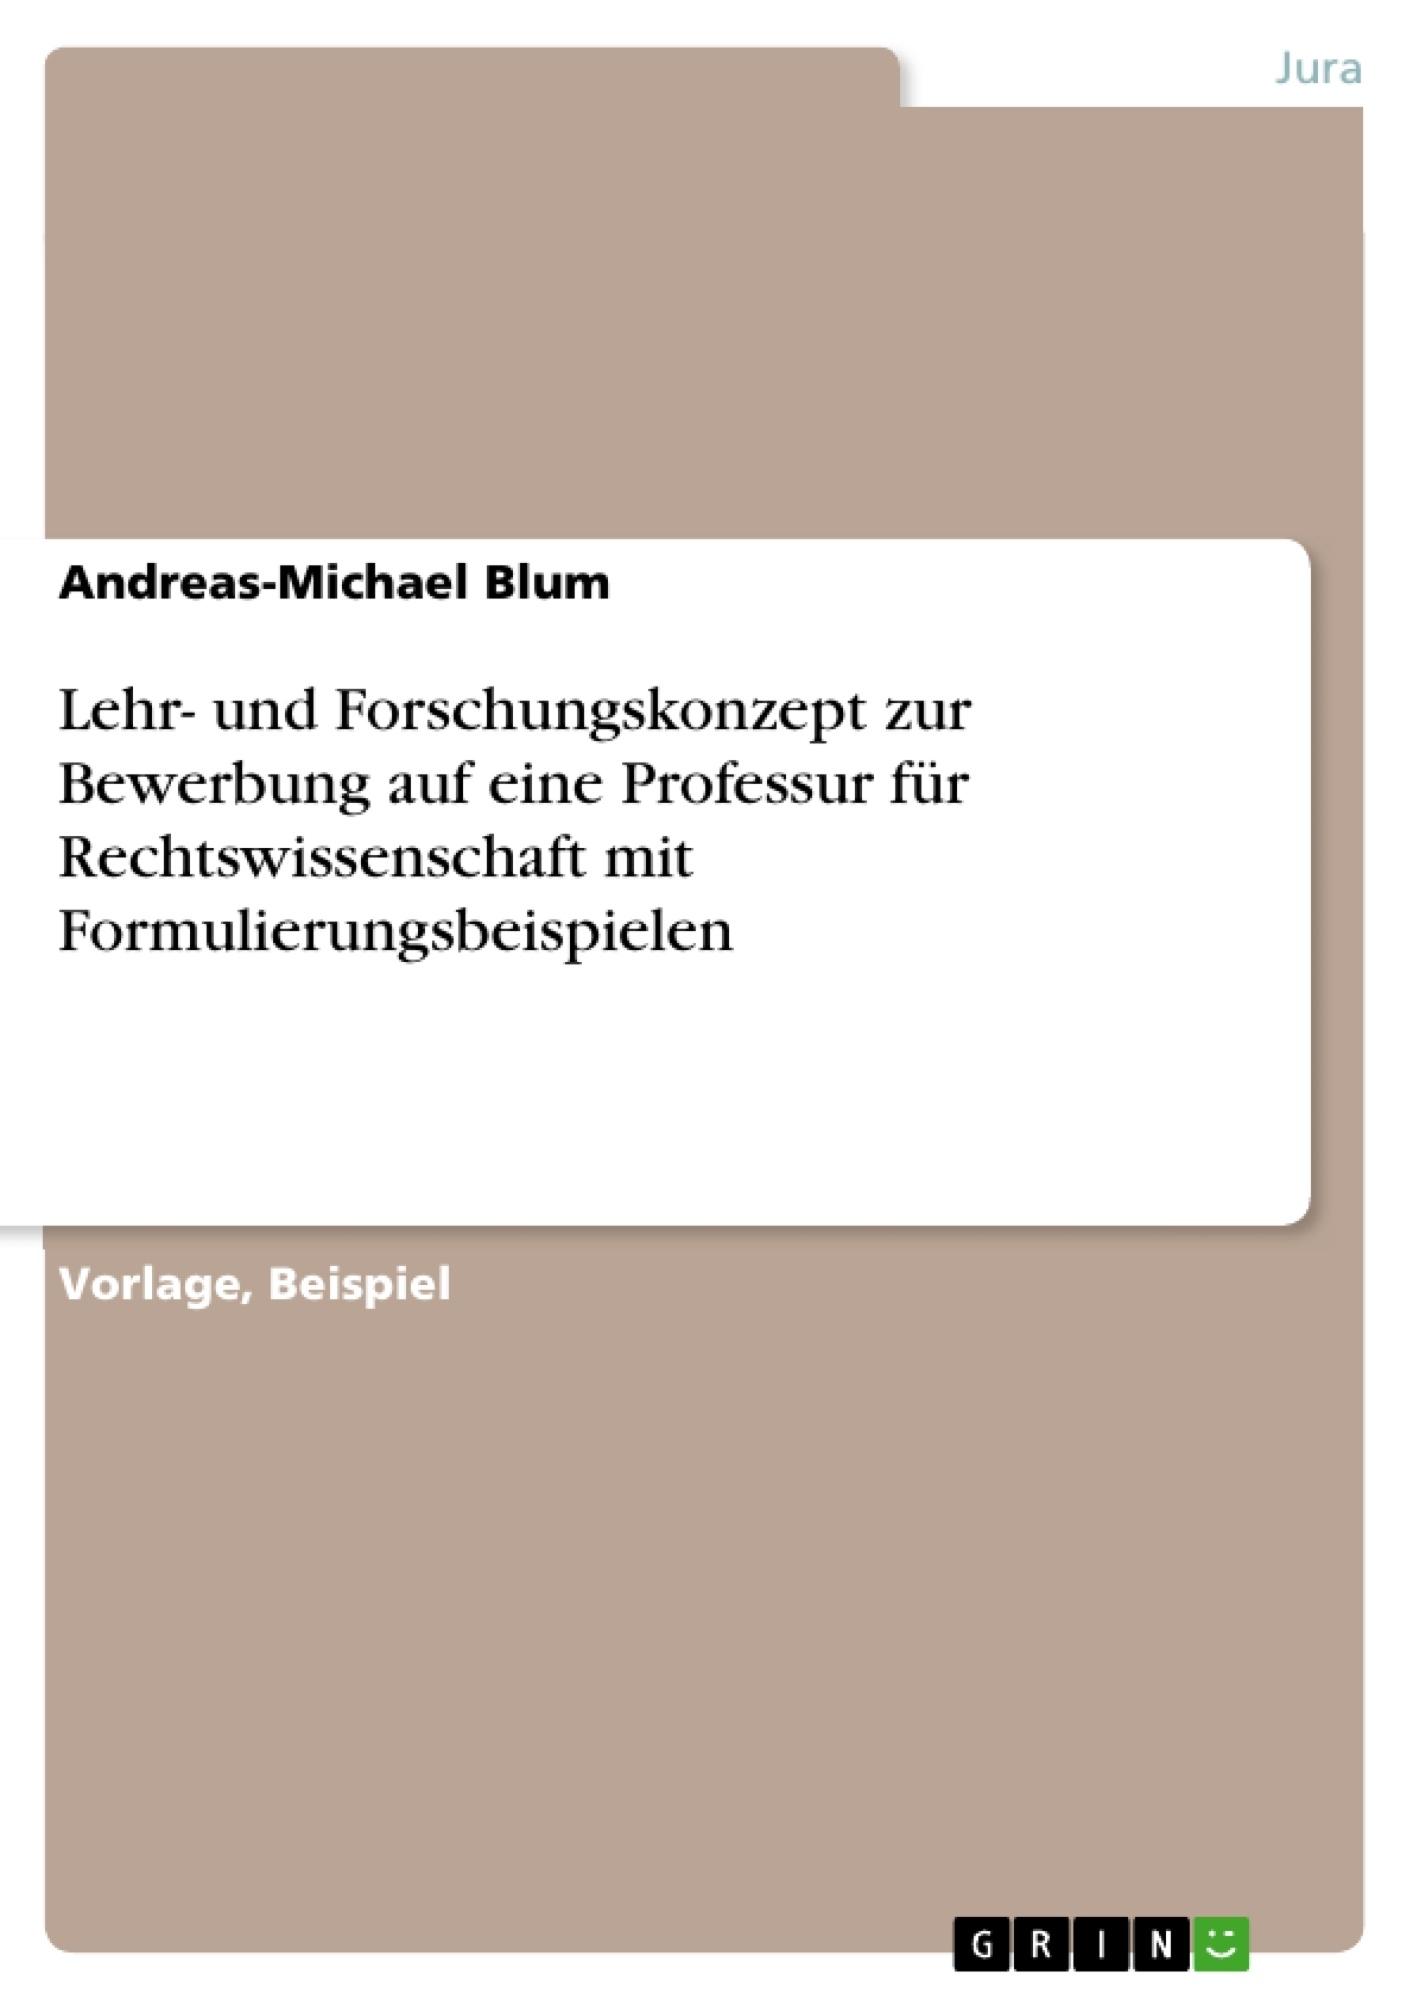 Fantastisch Jura Fortbildung Beispiel Bilder - Entry Level Resume ...